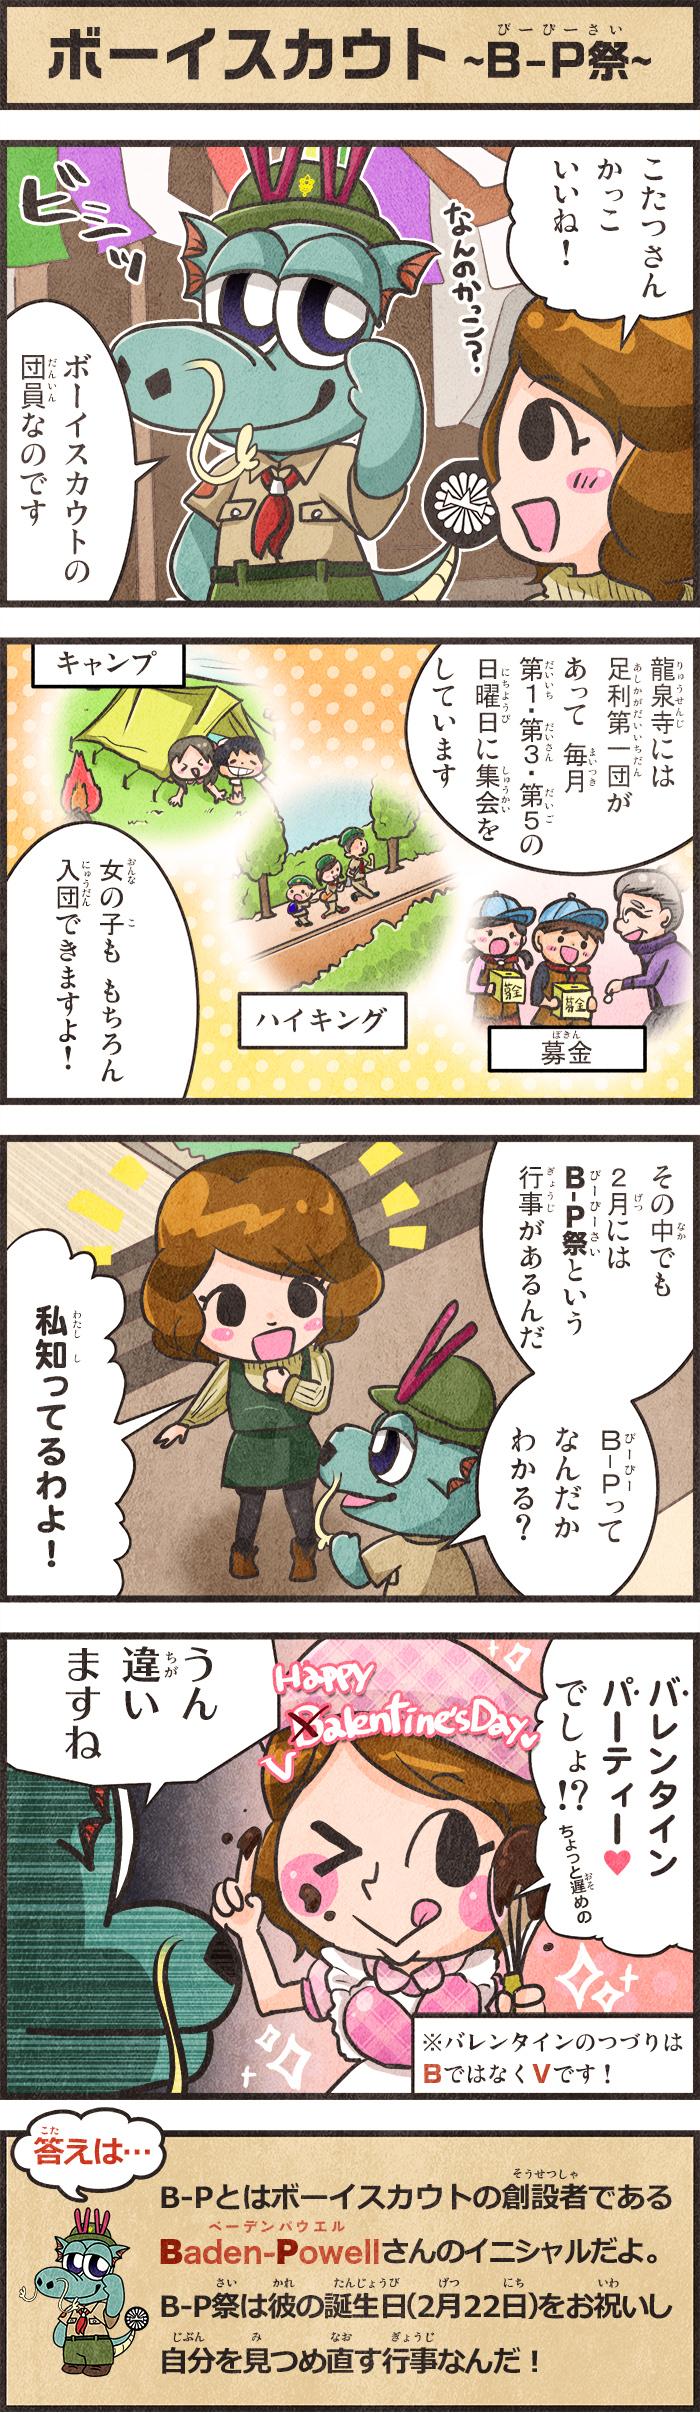 1602024_kotatsu_4koma_2_fin